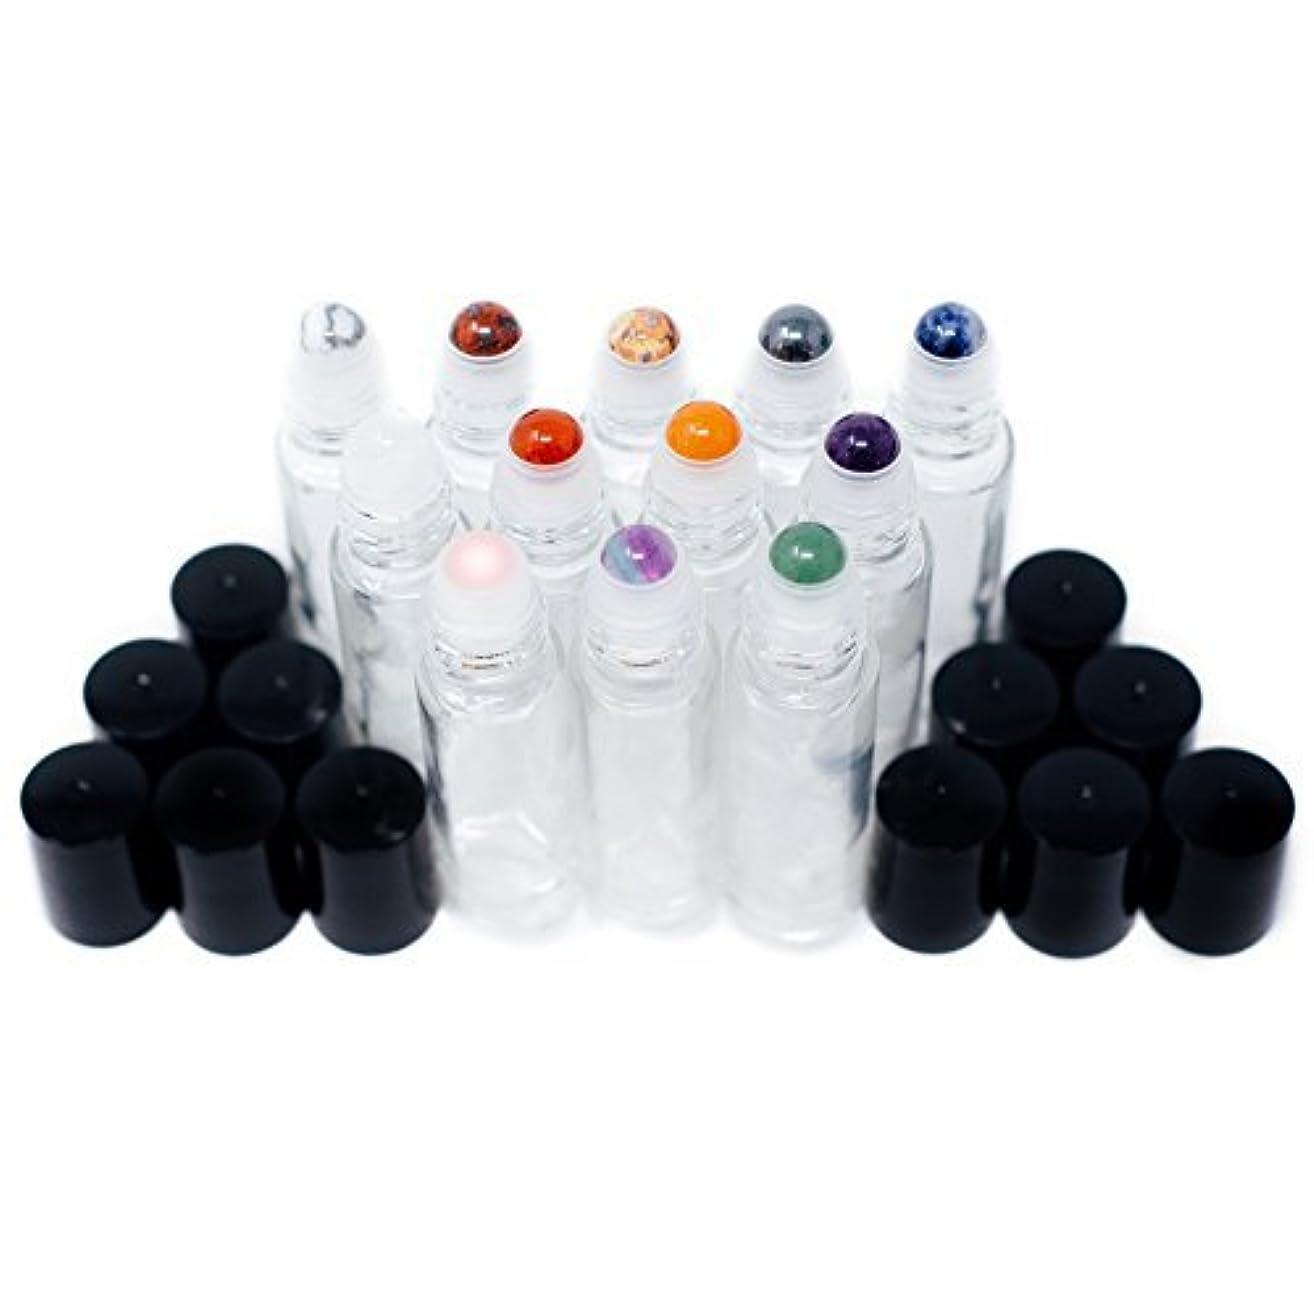 歪める断片敗北Gemstone Essential Oil Roller Bottles + Tops | Set of 12 Natural Crystals + Precious Stones | Gemstone Roller Balls | Unique Properties for Each Gemstone | Luxe Gift | Black Tops + 10ml Glass Bottles [並行輸入品]